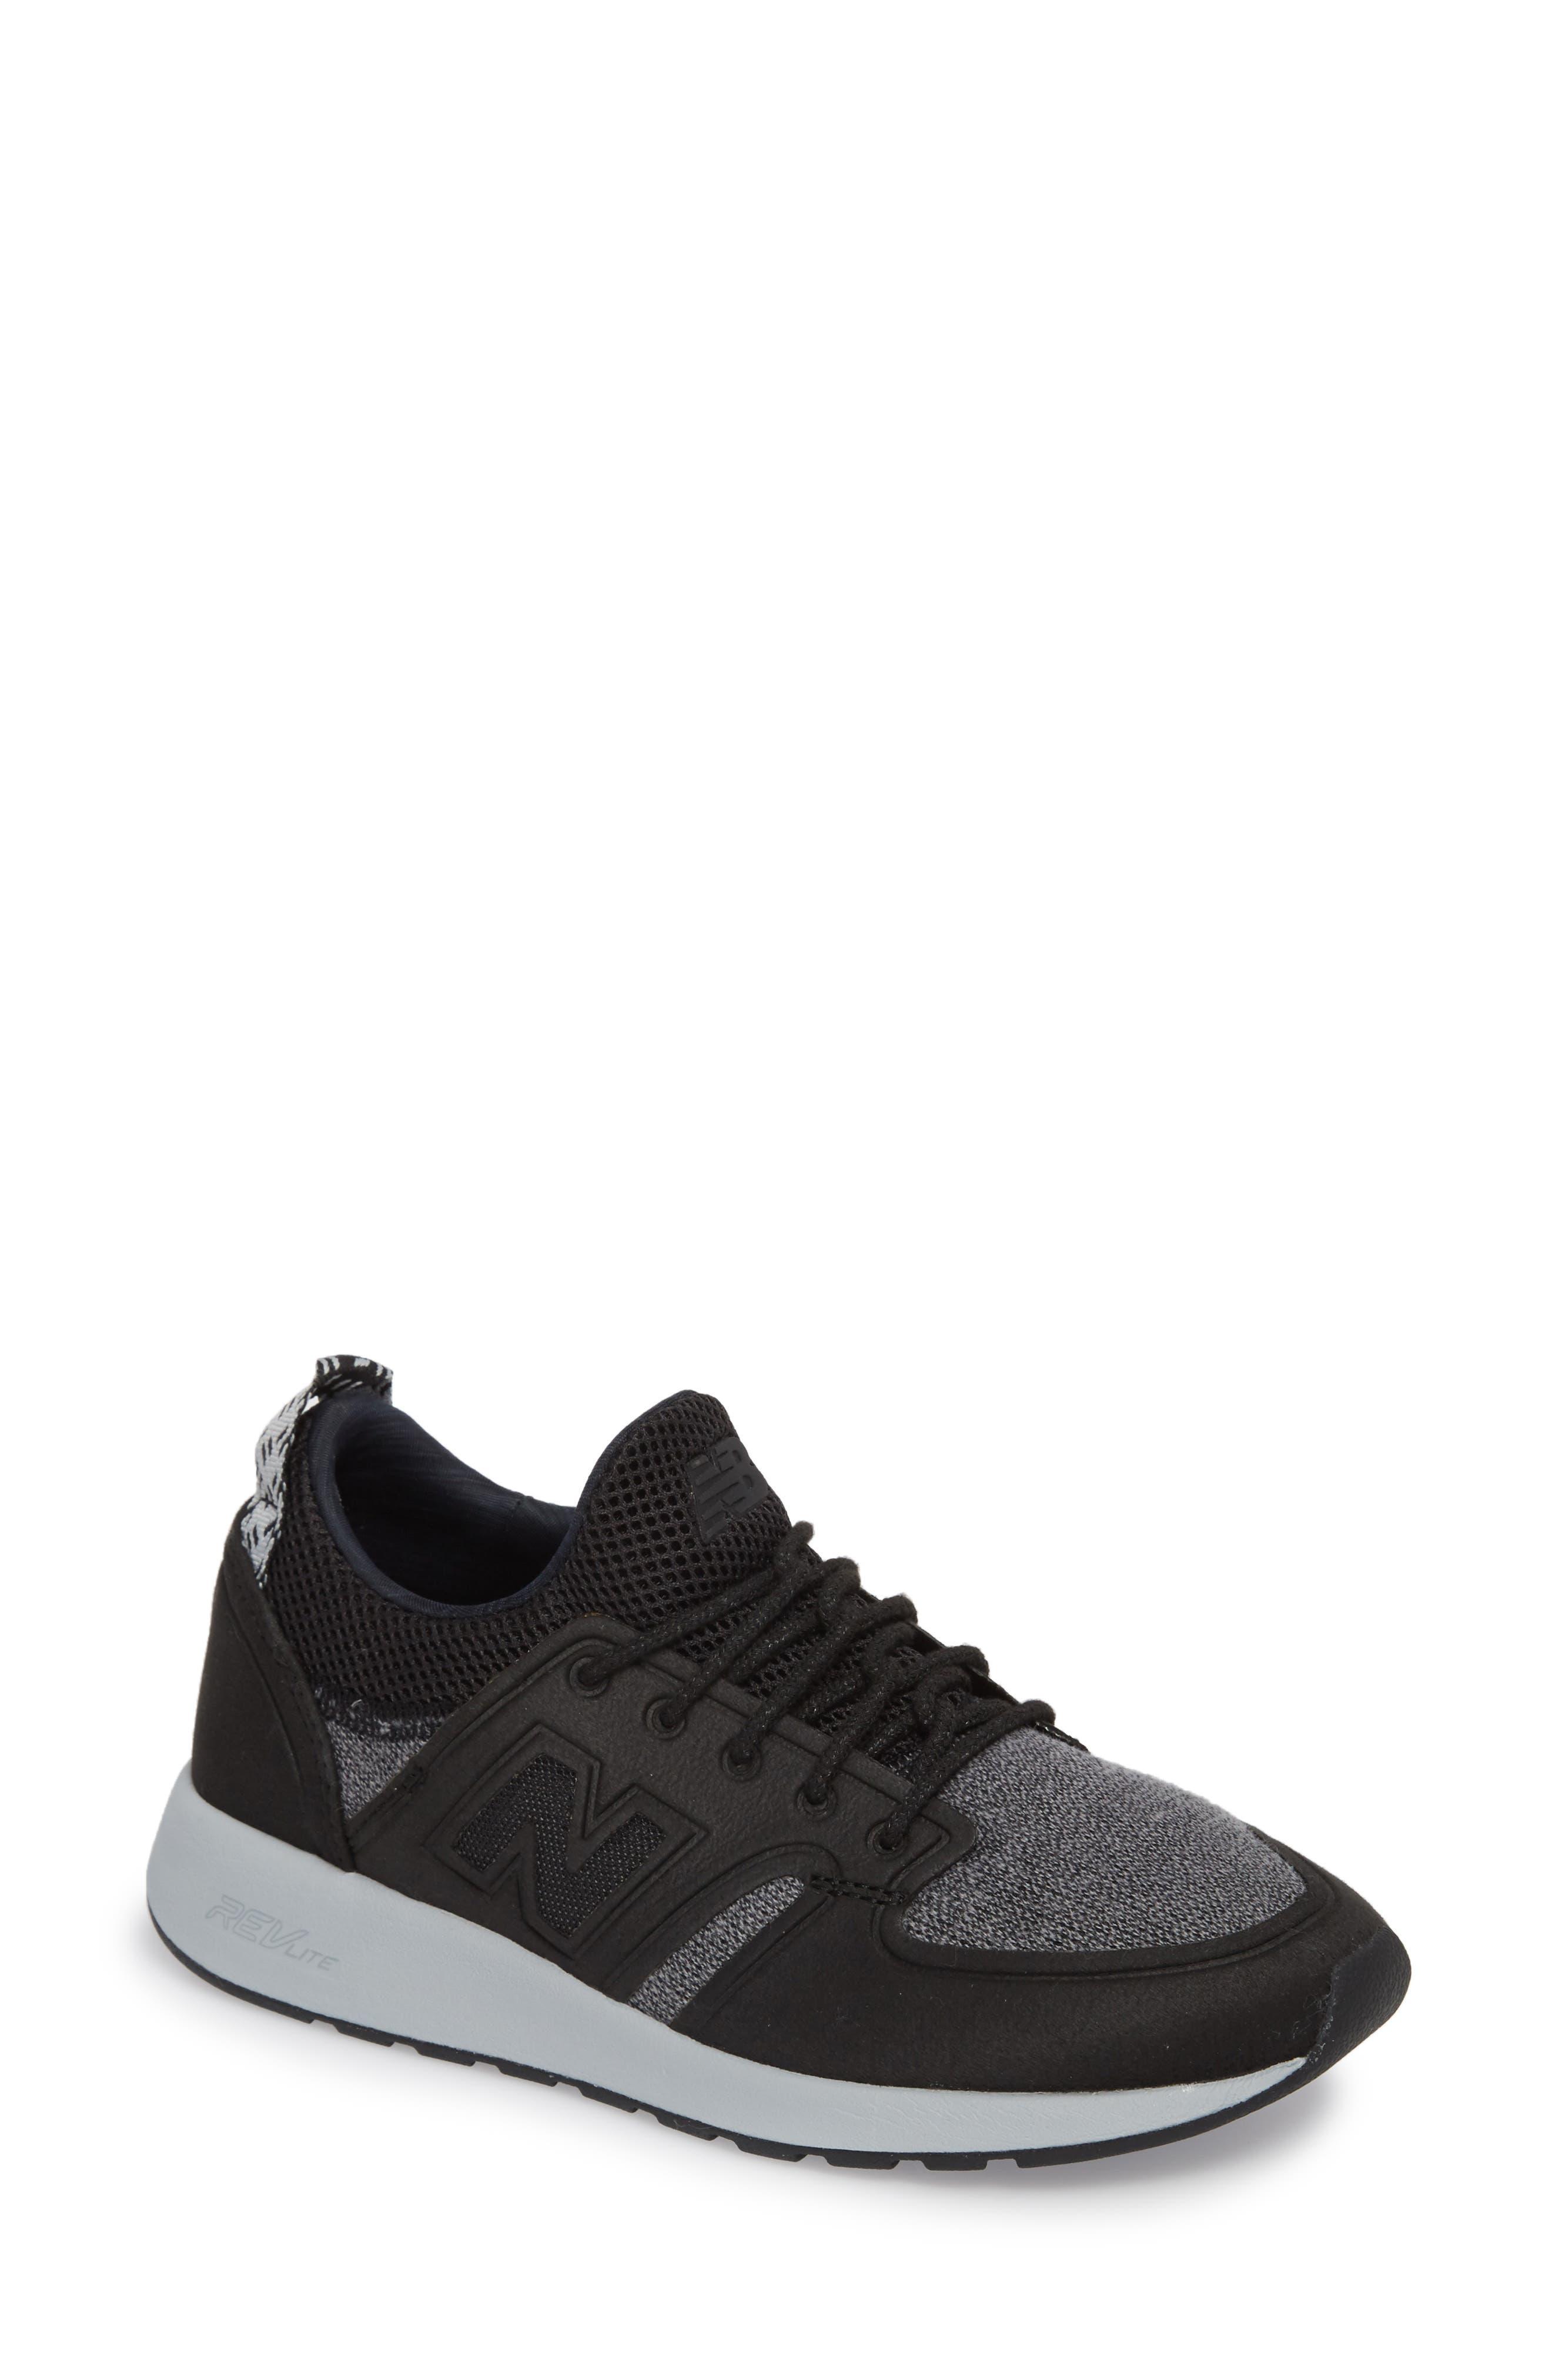 New Balance 420 Slip-On Sneaker (Women